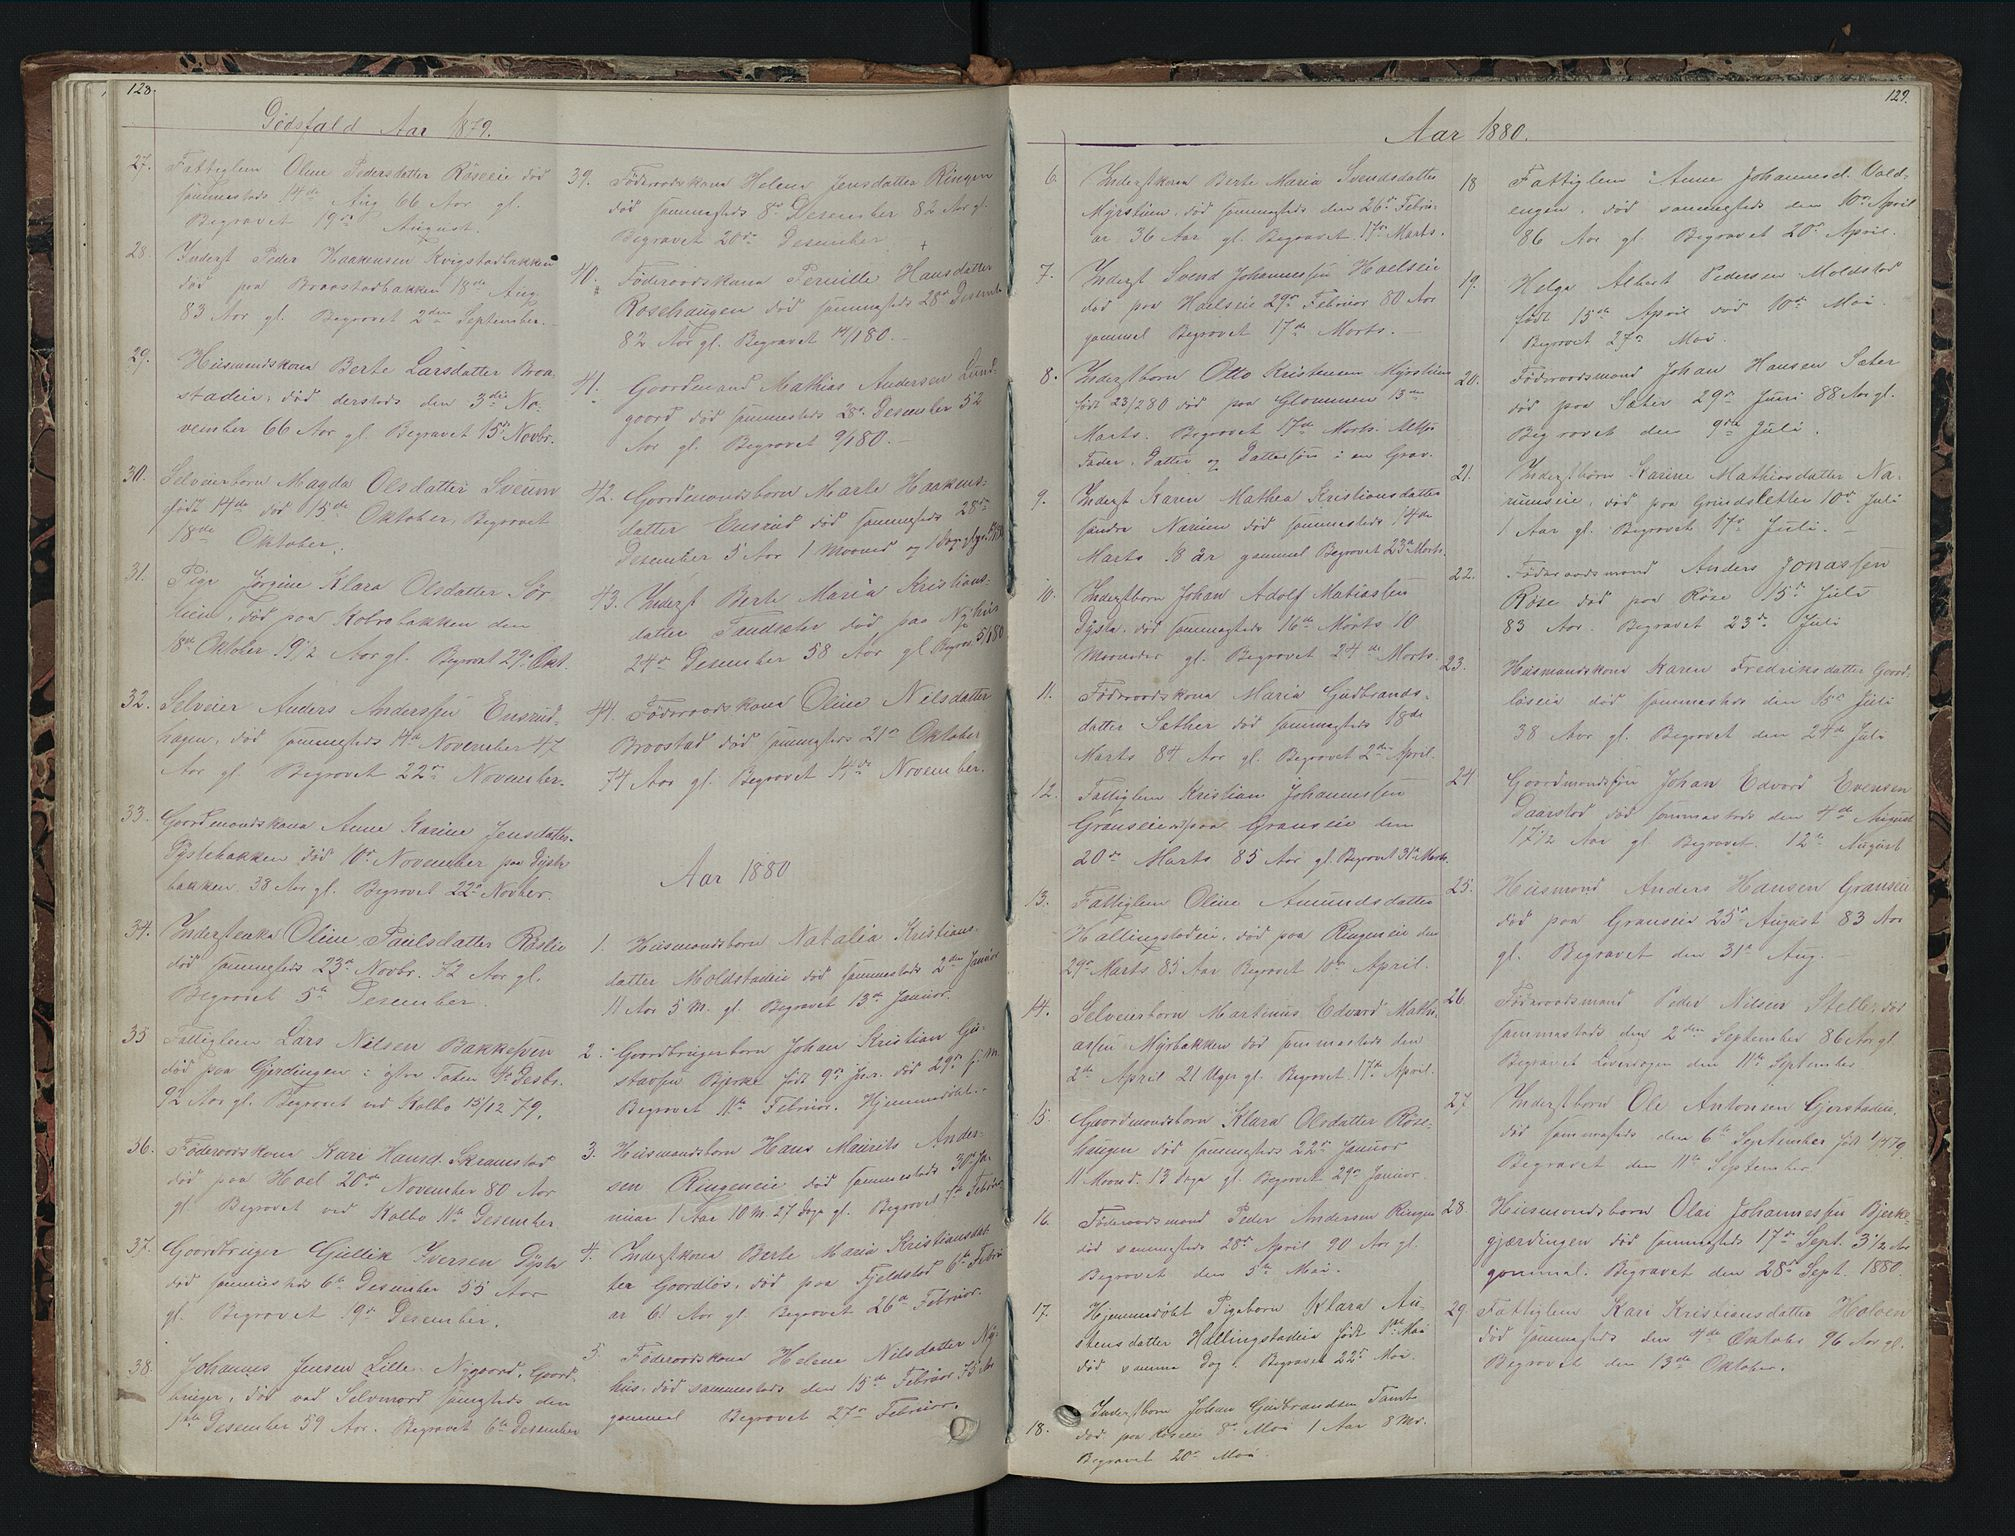 SAH, Vestre Toten prestekontor, H/Ha/Hab/L0007: Klokkerbok nr. 7, 1872-1900, s. 128-129